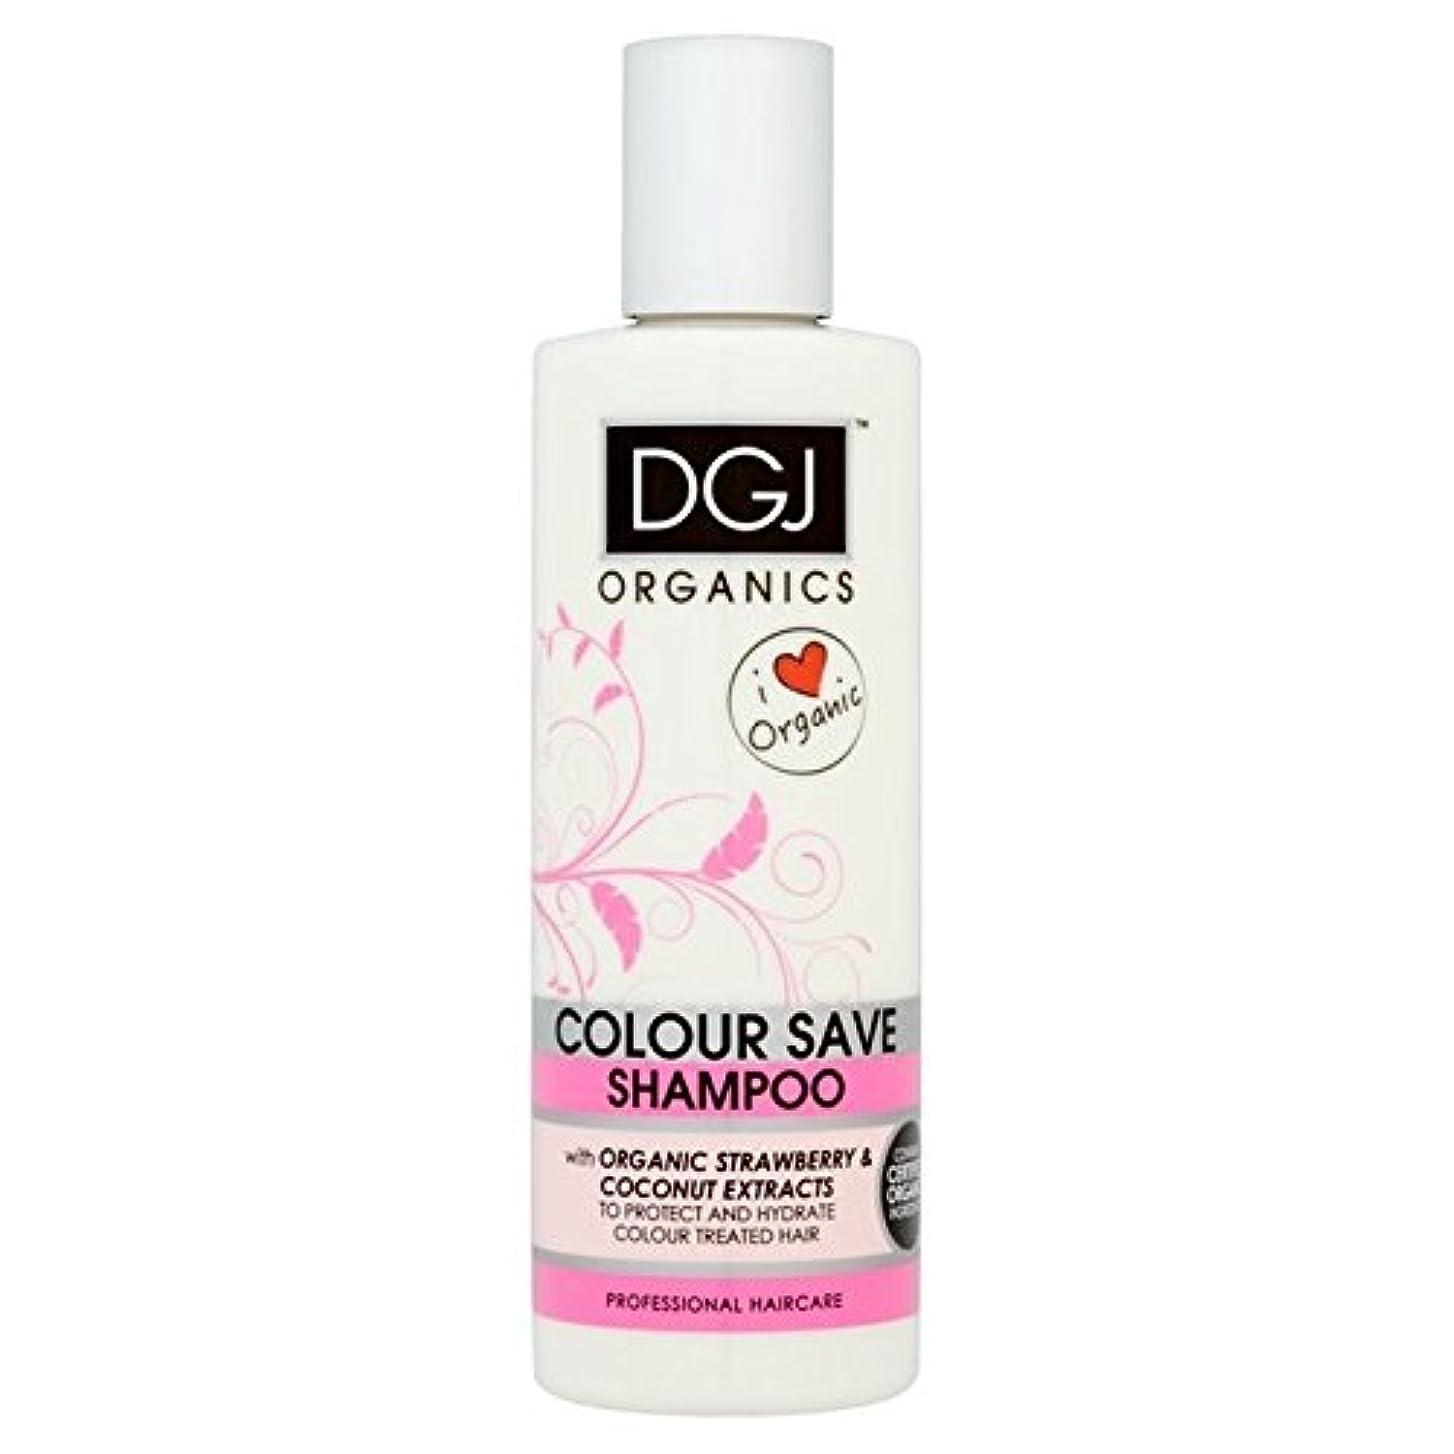 入浴ライオン防衛DGJ Organics Colour Save Shampoo 250ml - 有機物の色シャンプー250ミリリットルを保存 [並行輸入品]